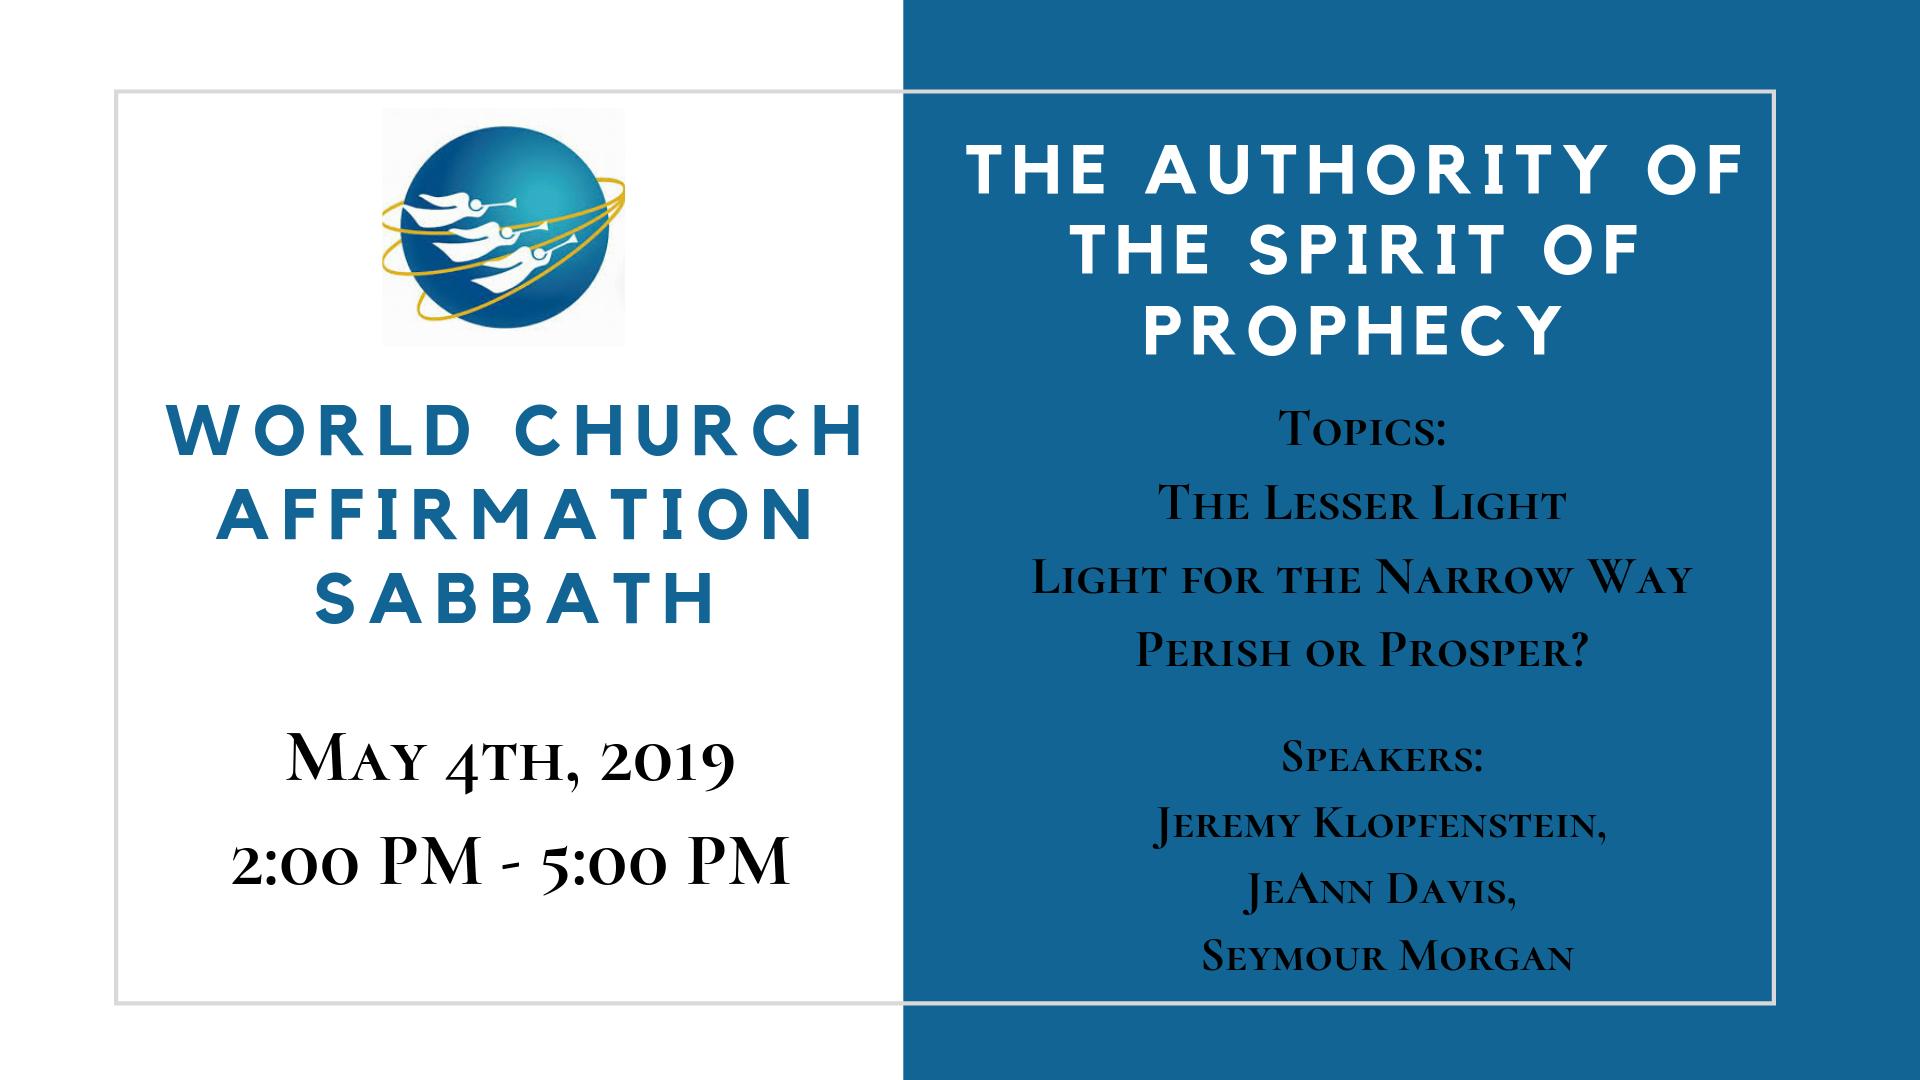 World Church Affirmation Sabbath (WCAS)